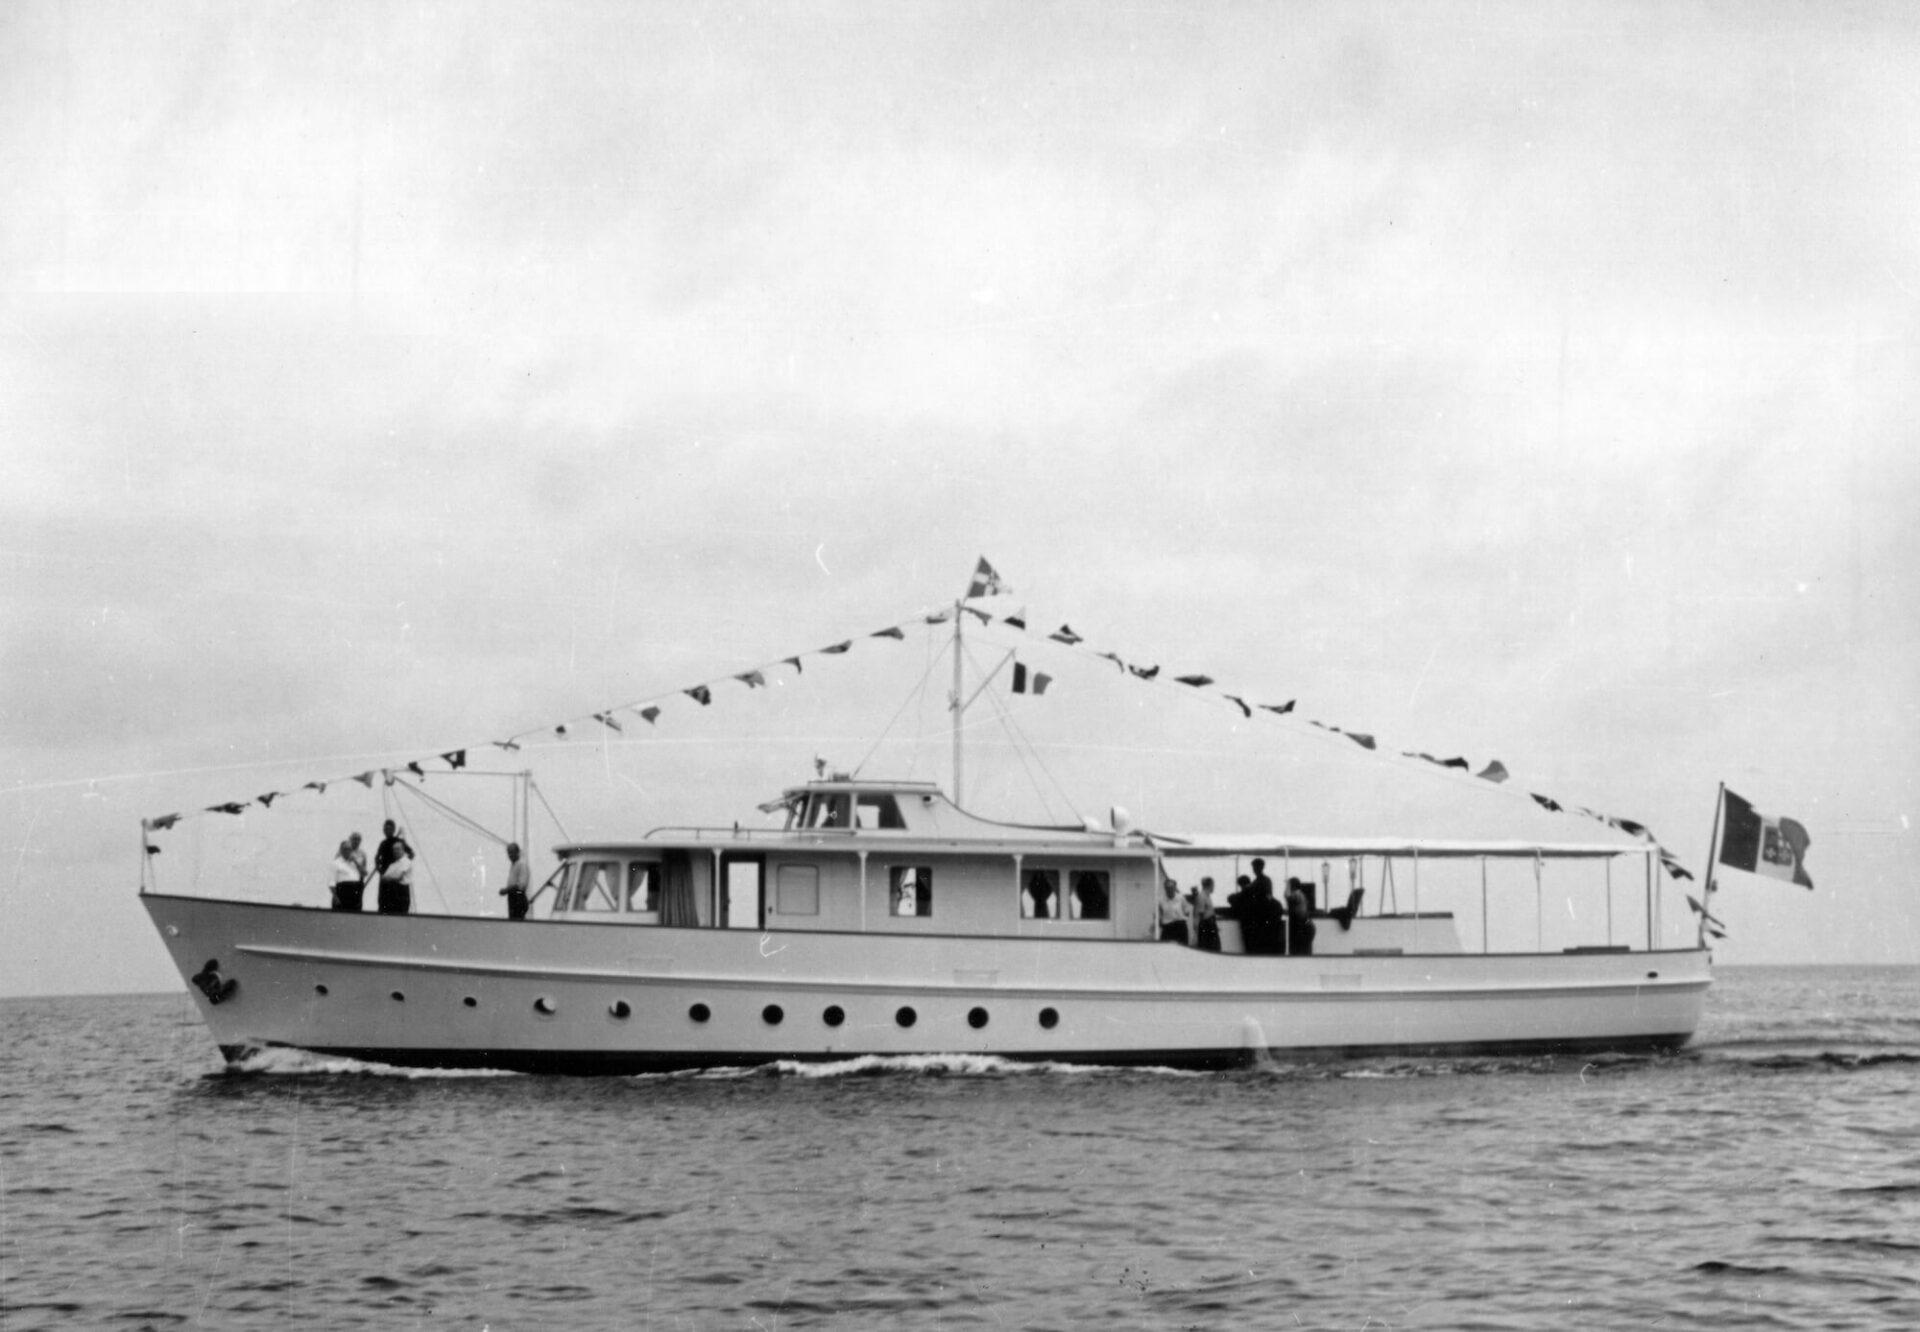 1952 -Montecristo, motoryacht